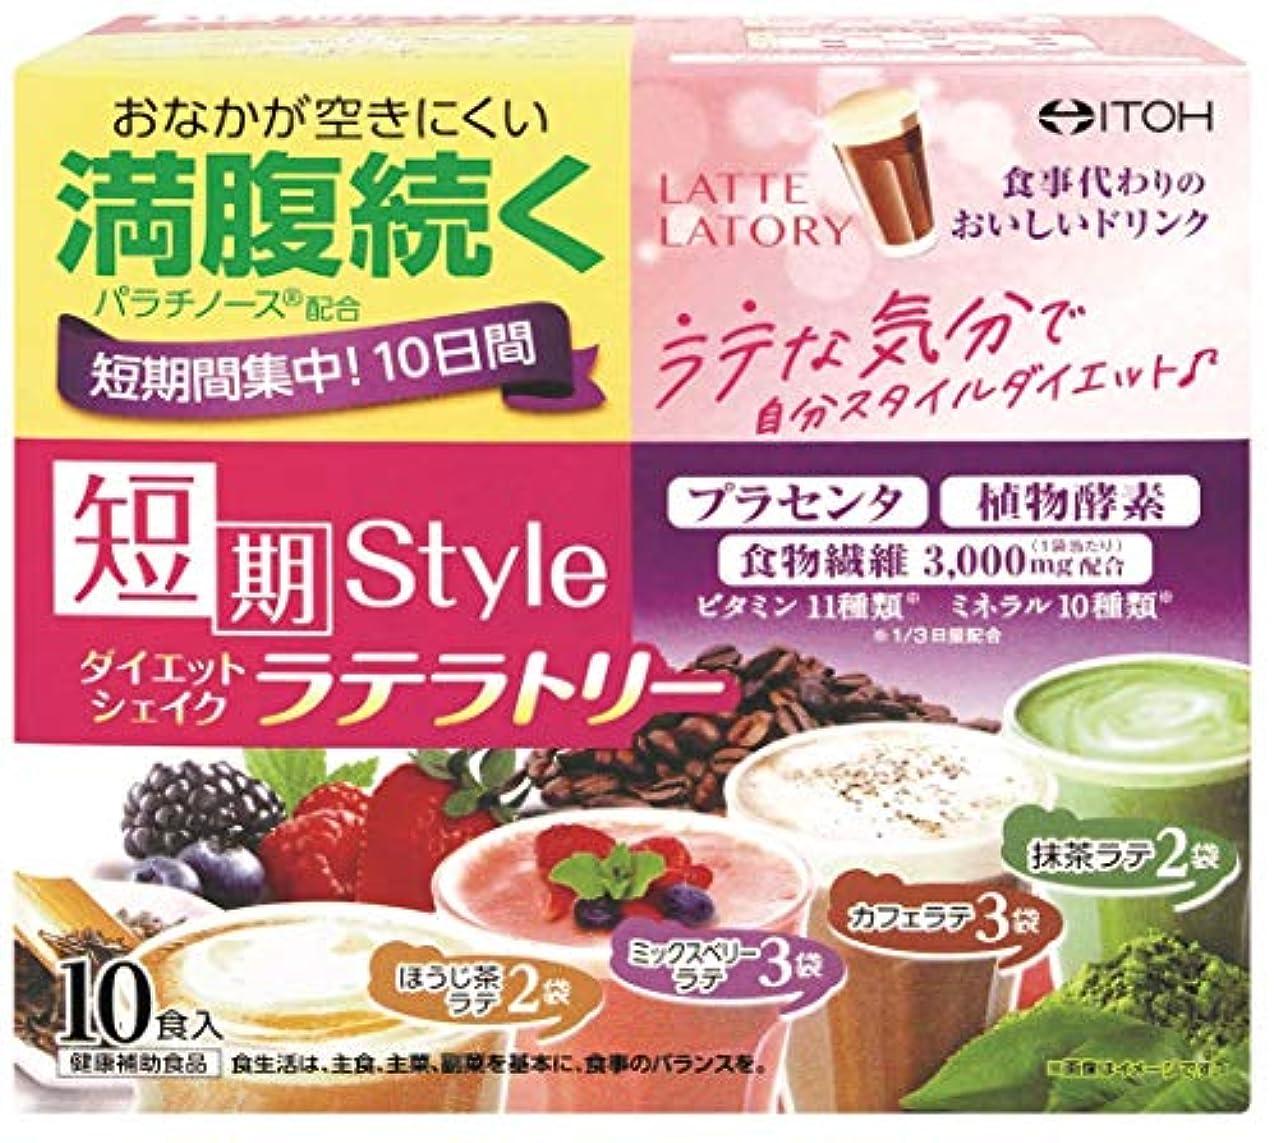 面積宙返り懐疑的井藤漢方製薬 短期スタイルダイエットシェイク ラテラトリー 10食分 25g×10袋